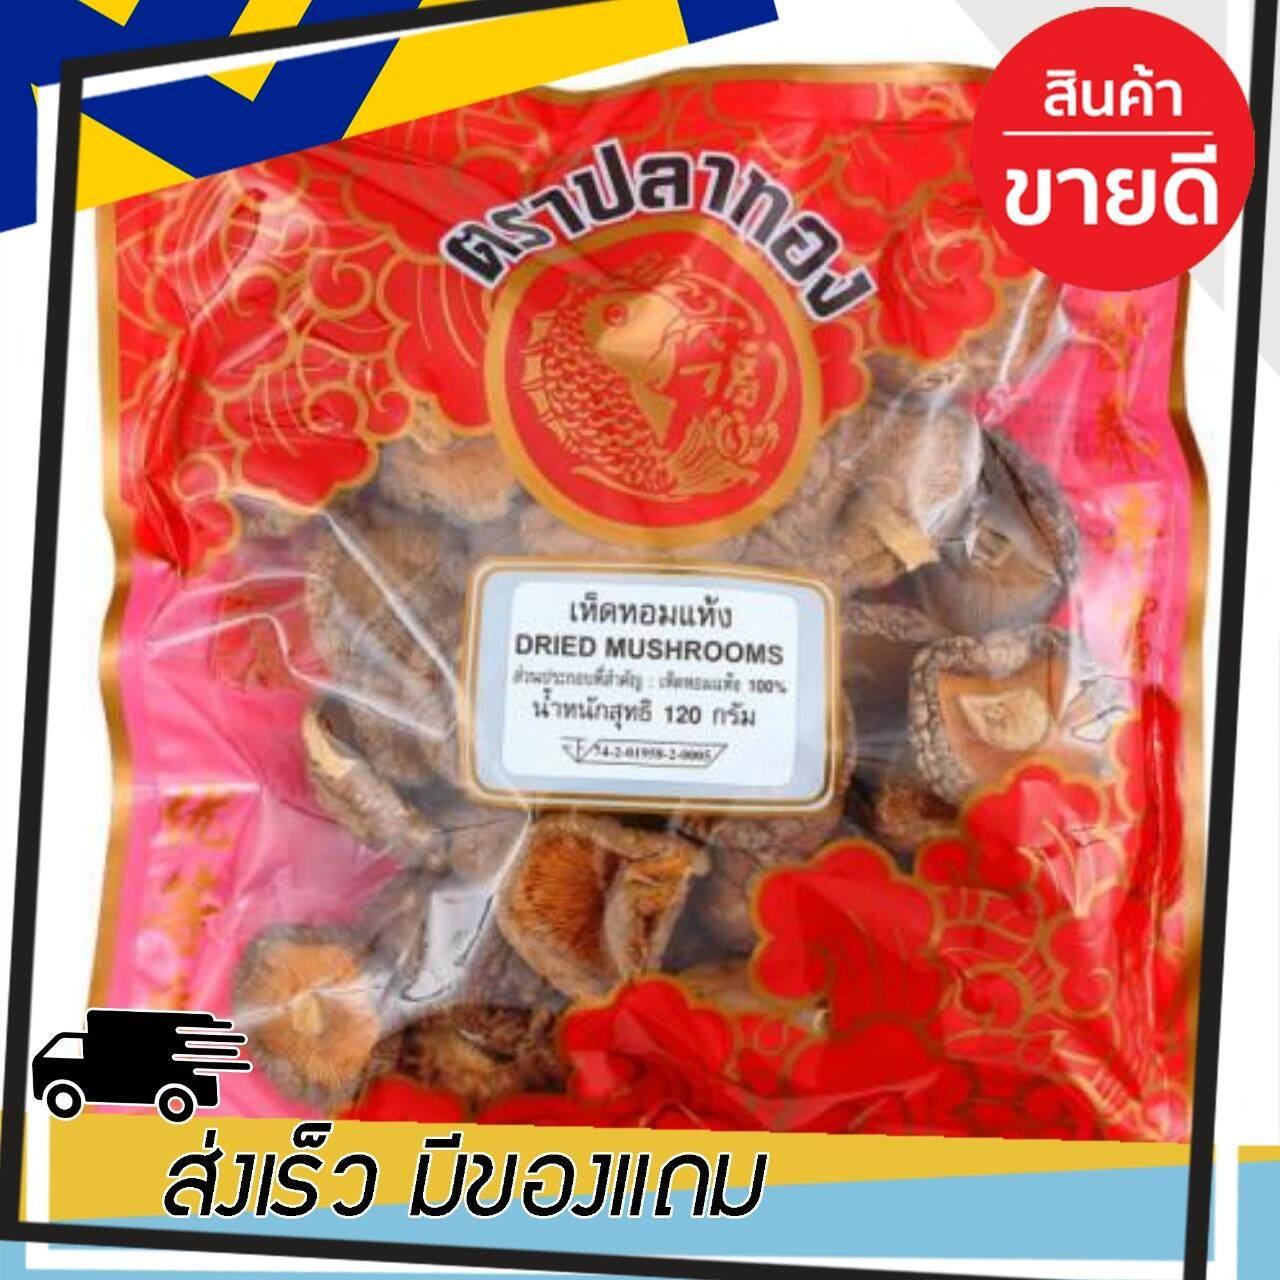 ((พร้อมส่ง)) ปลาทอง เห็ดหอมแห้ง ขนาด 120 กรัม ข้าว ธัญพืช สมุนไพร ยา เพิ่ม น้ำนม อาหาร เพิ่ม น้ำนม ภูมิแพ้ จมูก ข้าว เพิ่ม น้ำนม อาการ ภูมิแพ้ แฟ รน ไช ส์ ขาย ดี ทุเรียน อบ แห้ง สมุนไพร เพิ่ม น้ำนม โต๊ะ กิน ข้าว index ของแท้ 100% ราคาถูก